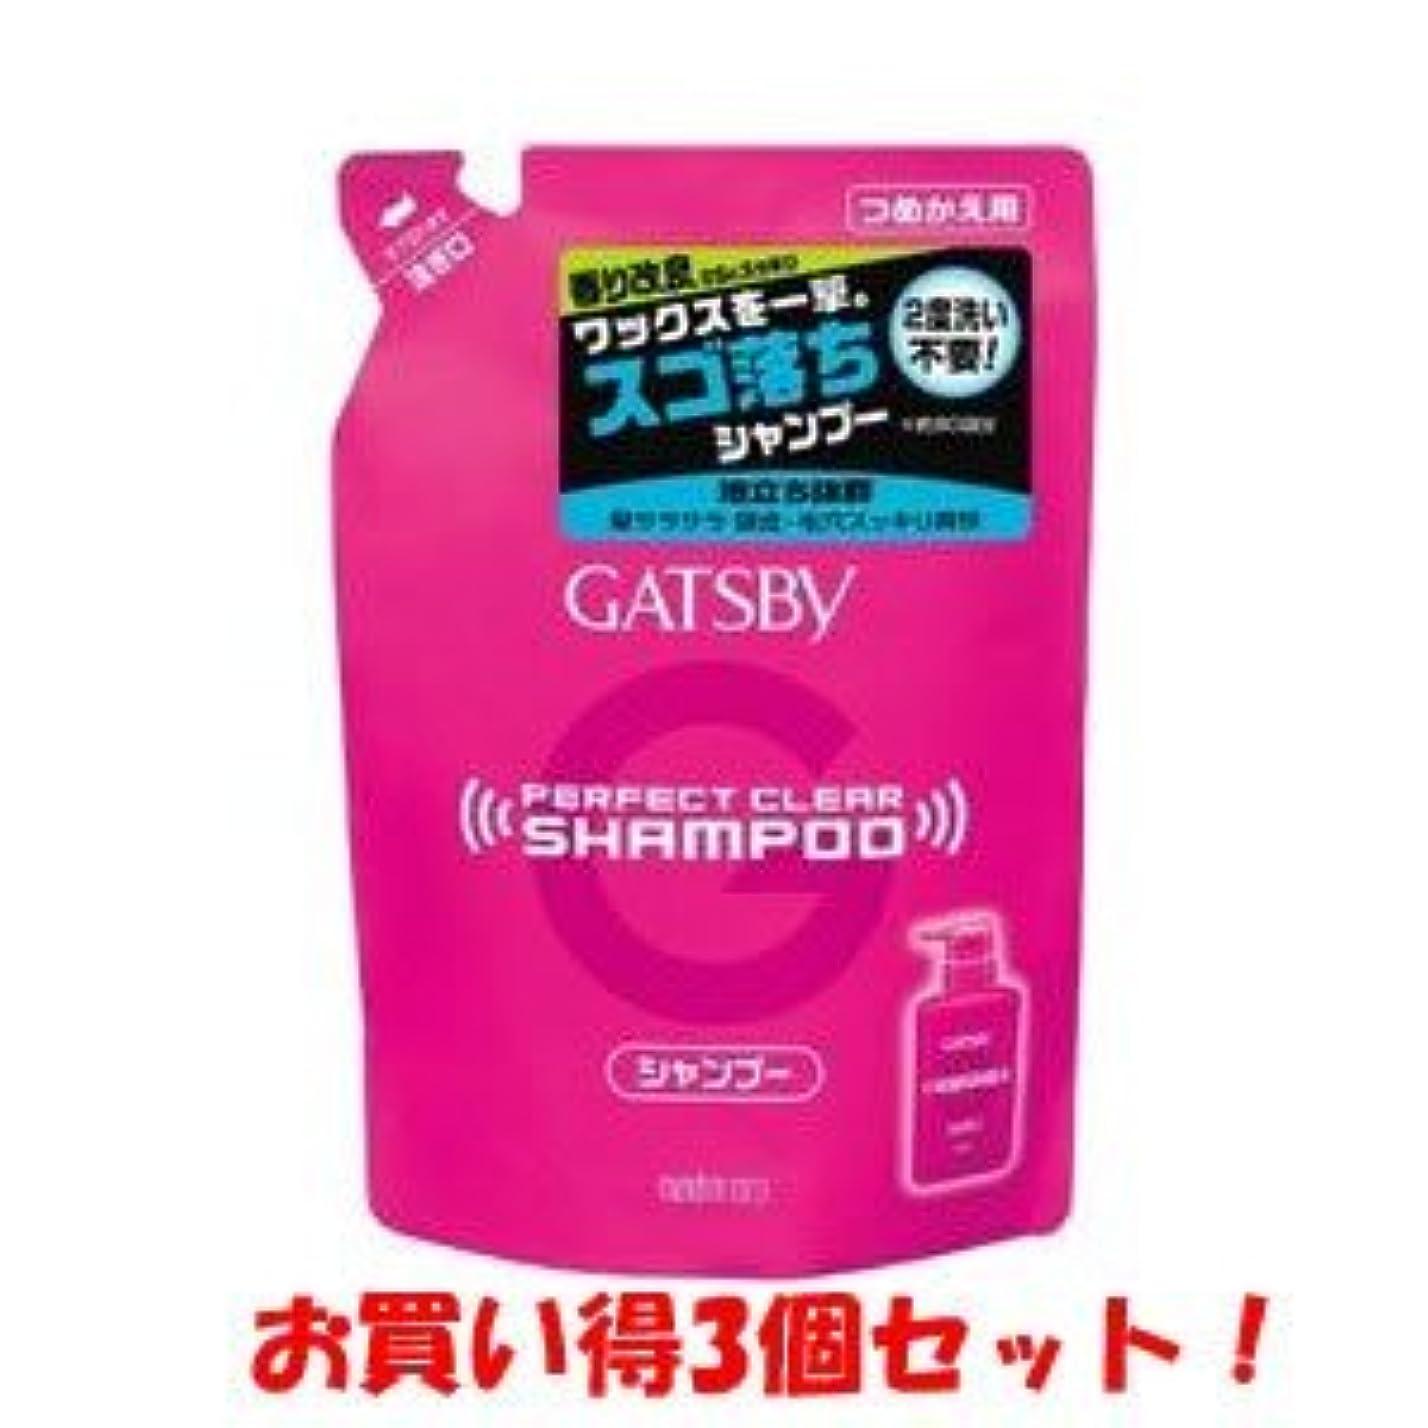 形式補足可愛いギャツビー【GATSBY】パーフェクトクリアシャンプー 詰替 320ml(お買い得3個セット)